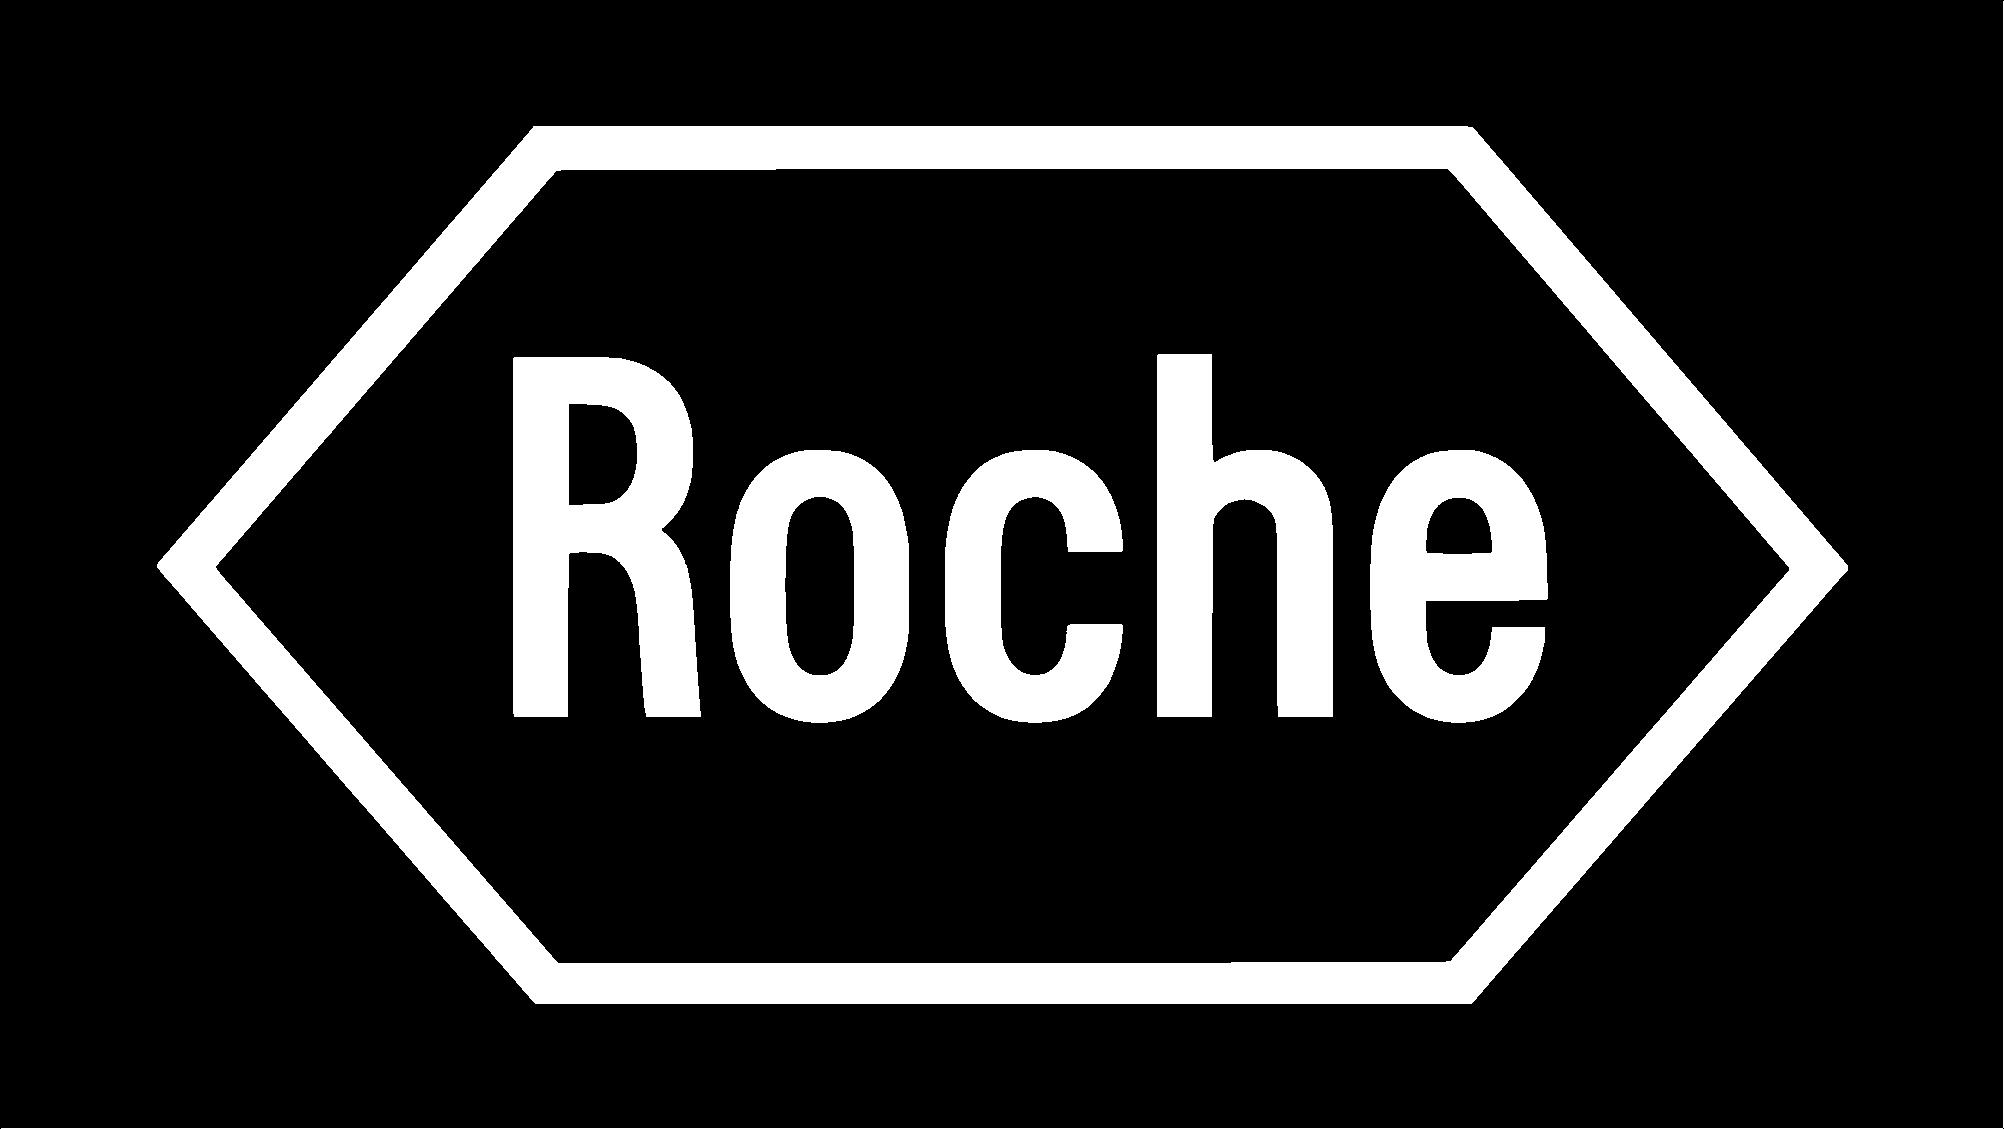 roche_logo_white